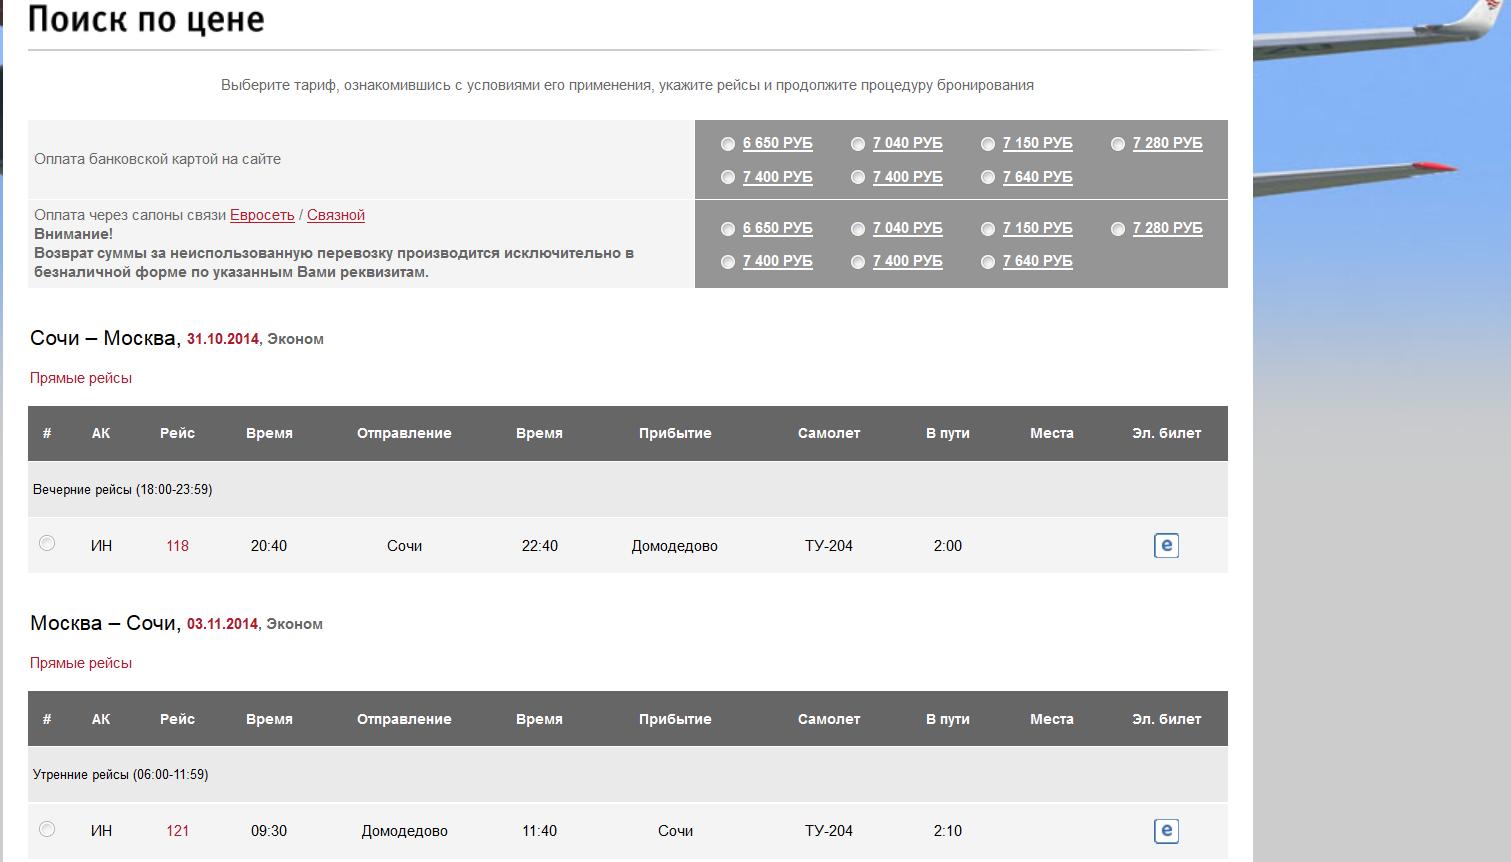 Купить билет на самолет из домодедова в сочи льготные билеты на самолет для дальневосточников 2014